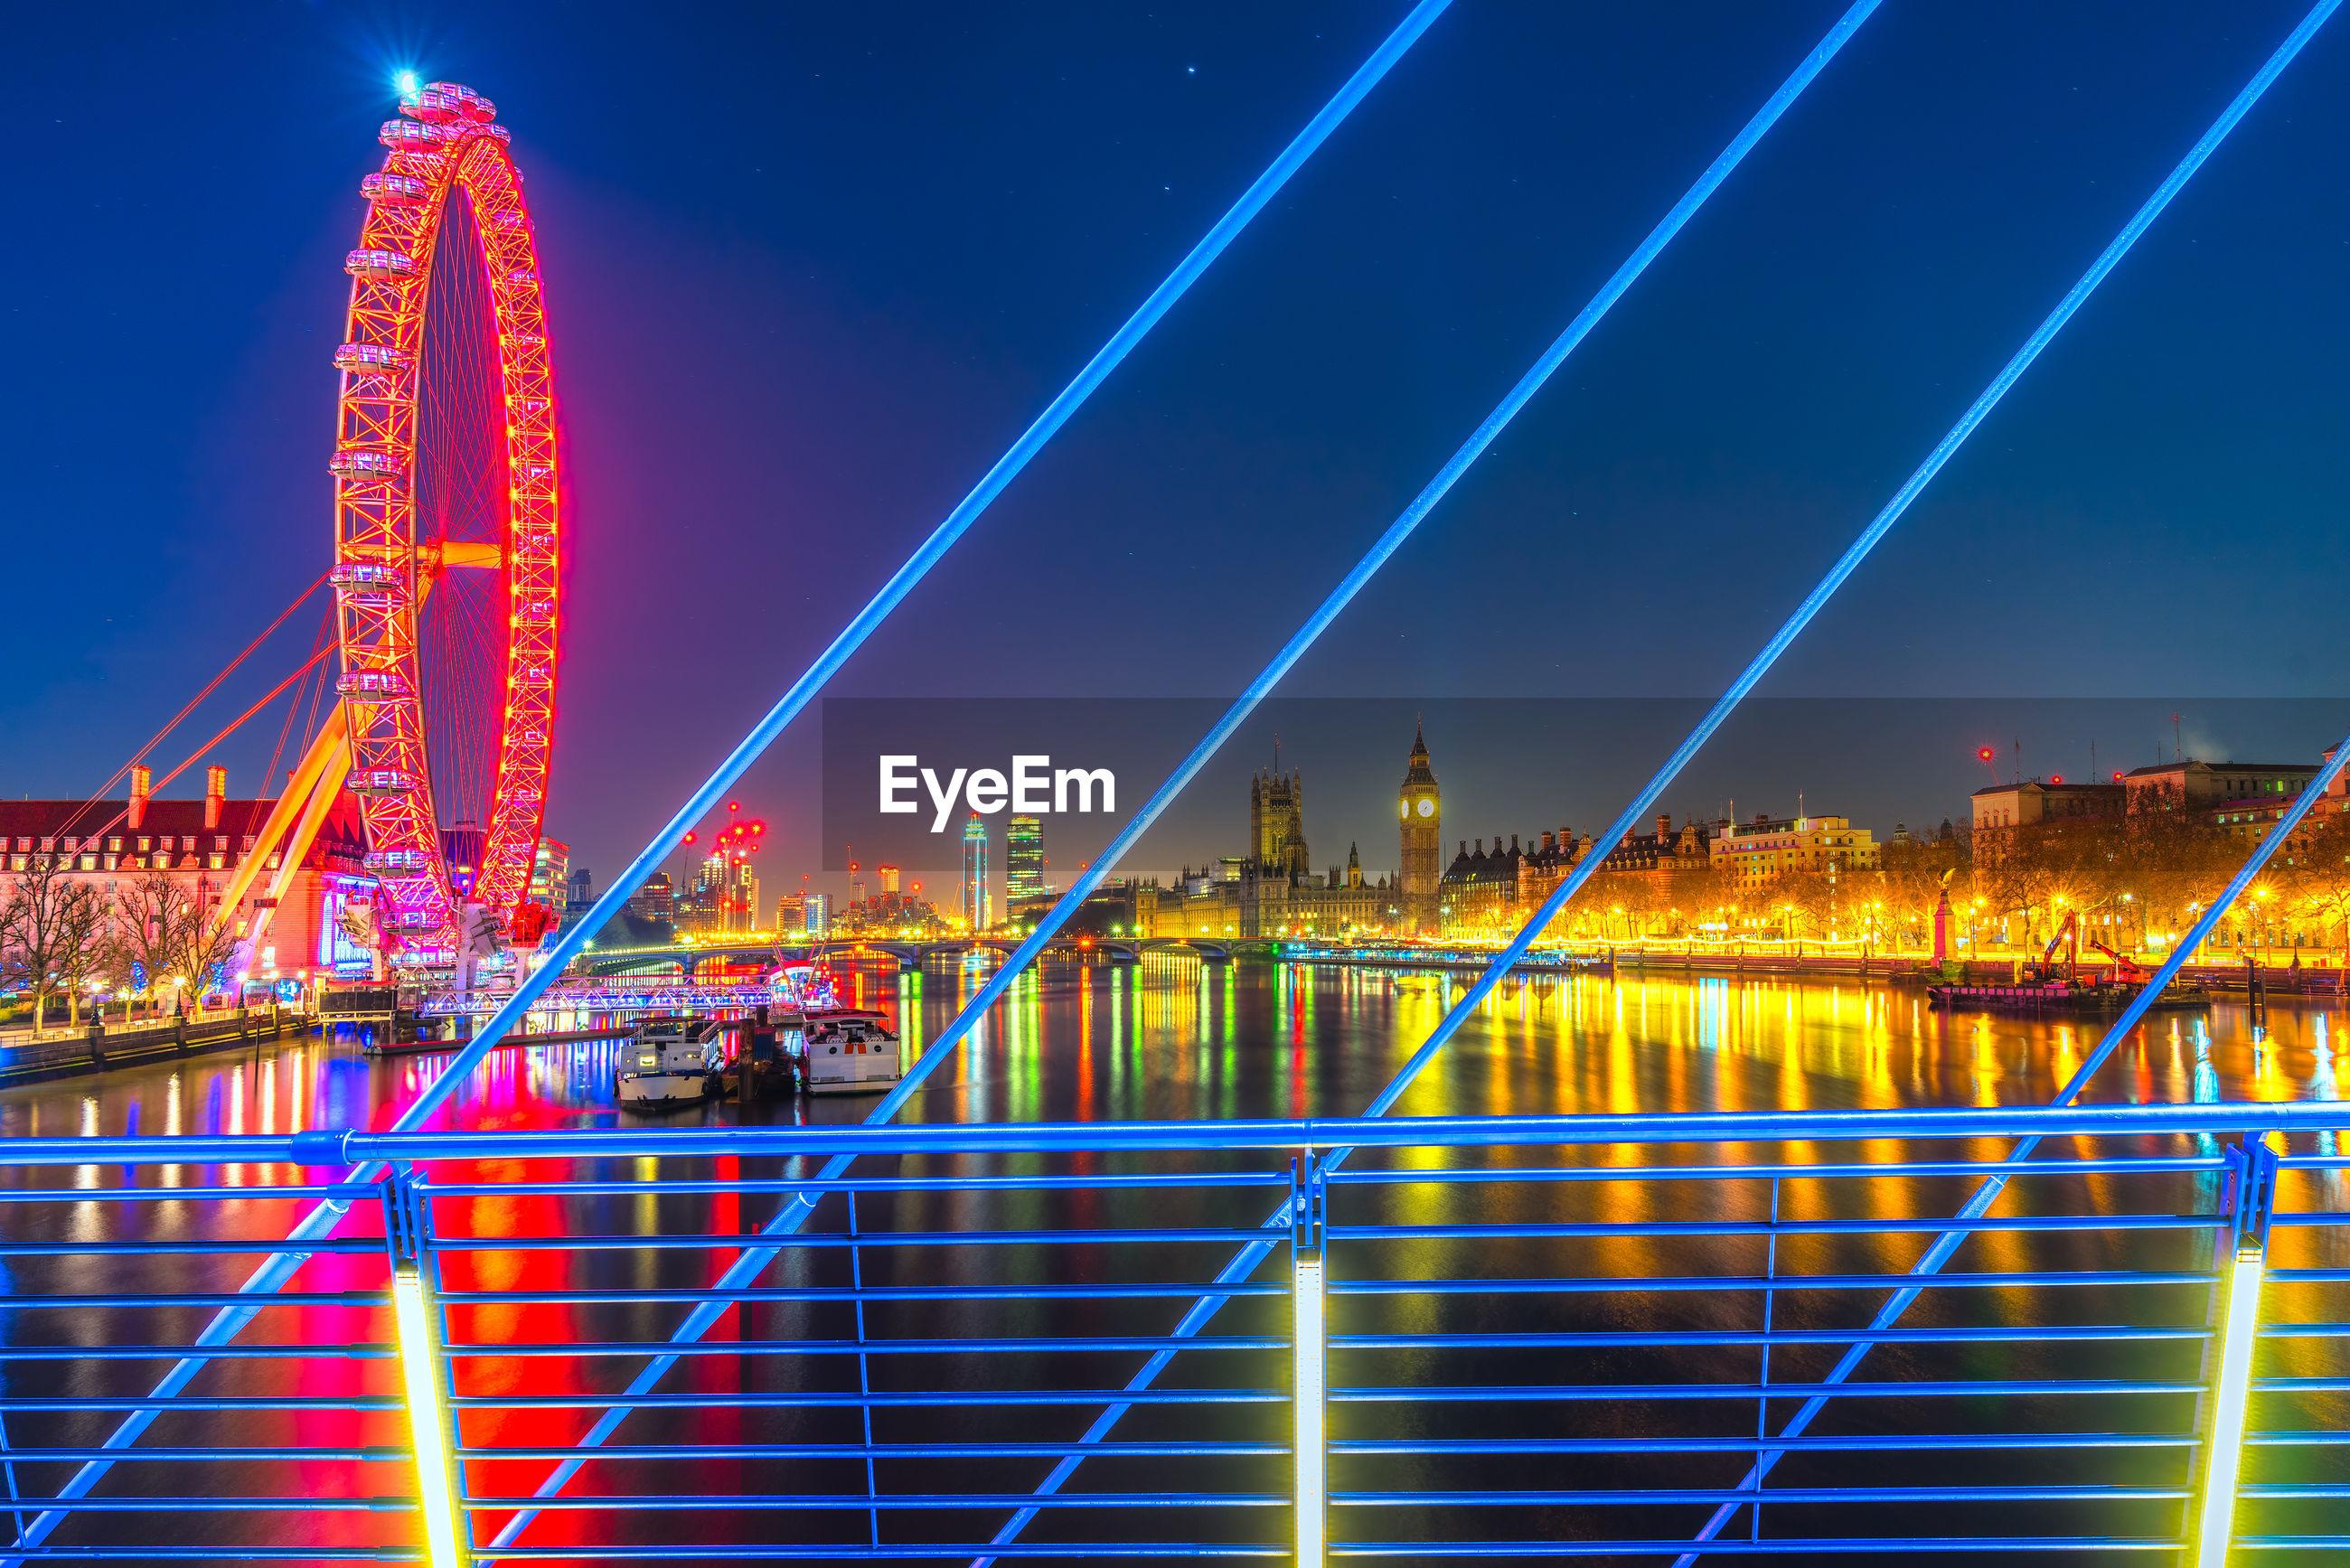 Illuminated suspension bridge in city at night